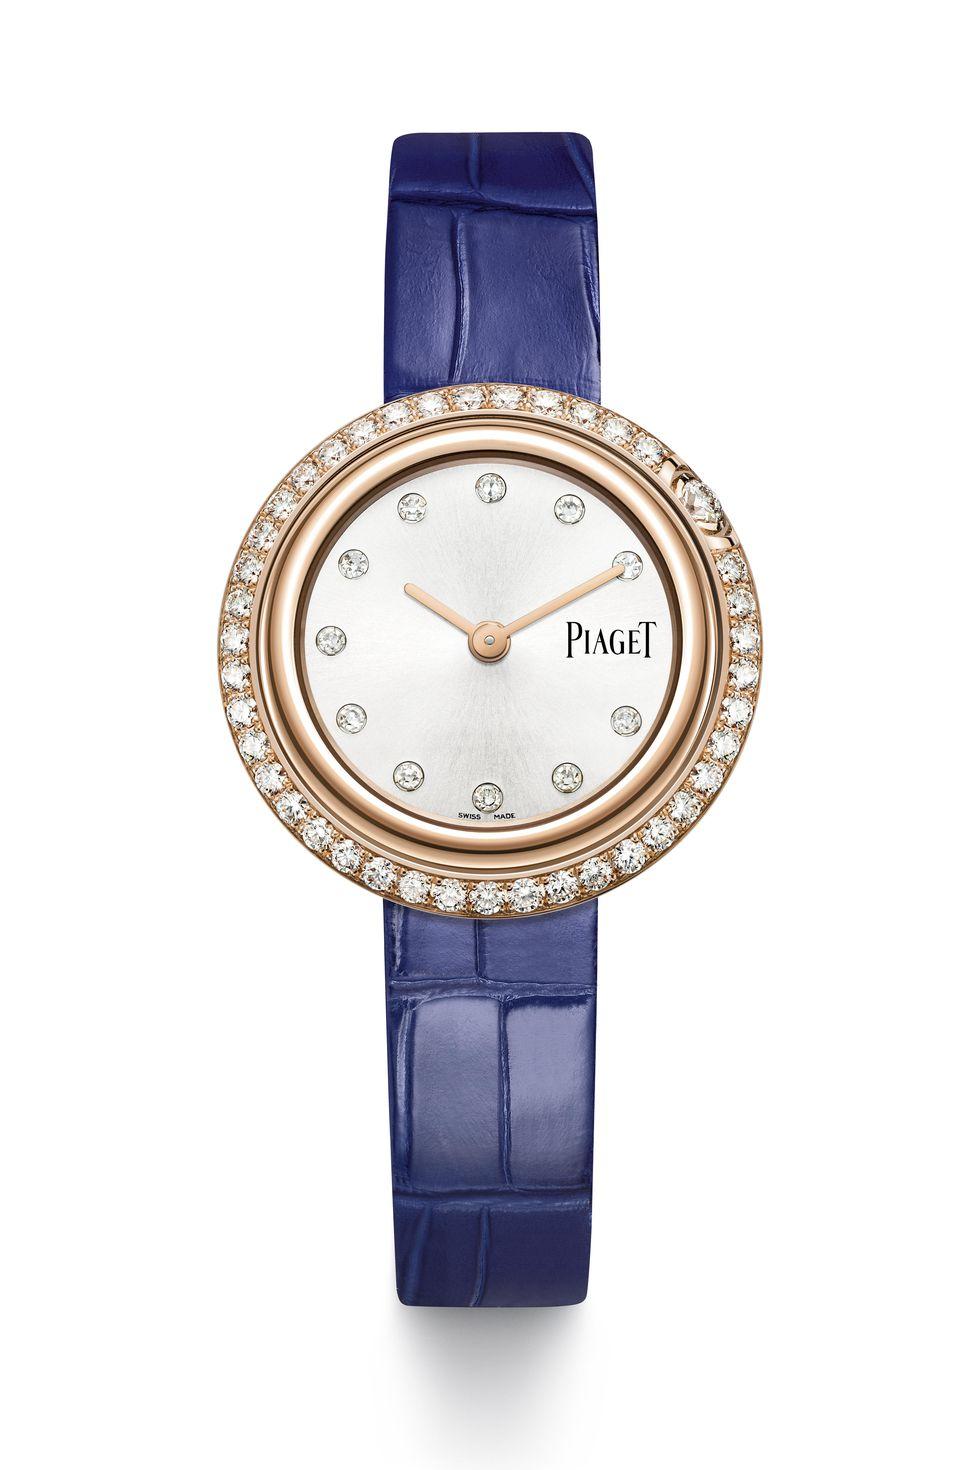 0d327cb8a تمتاز ساعة Piaget's Possession المصنوعة من الألماس والذهب الوردي بحافة  دائرية مملوءة بالألماس مع حزام من جلد التمساح باللون الأزرق القابل للتبديل .